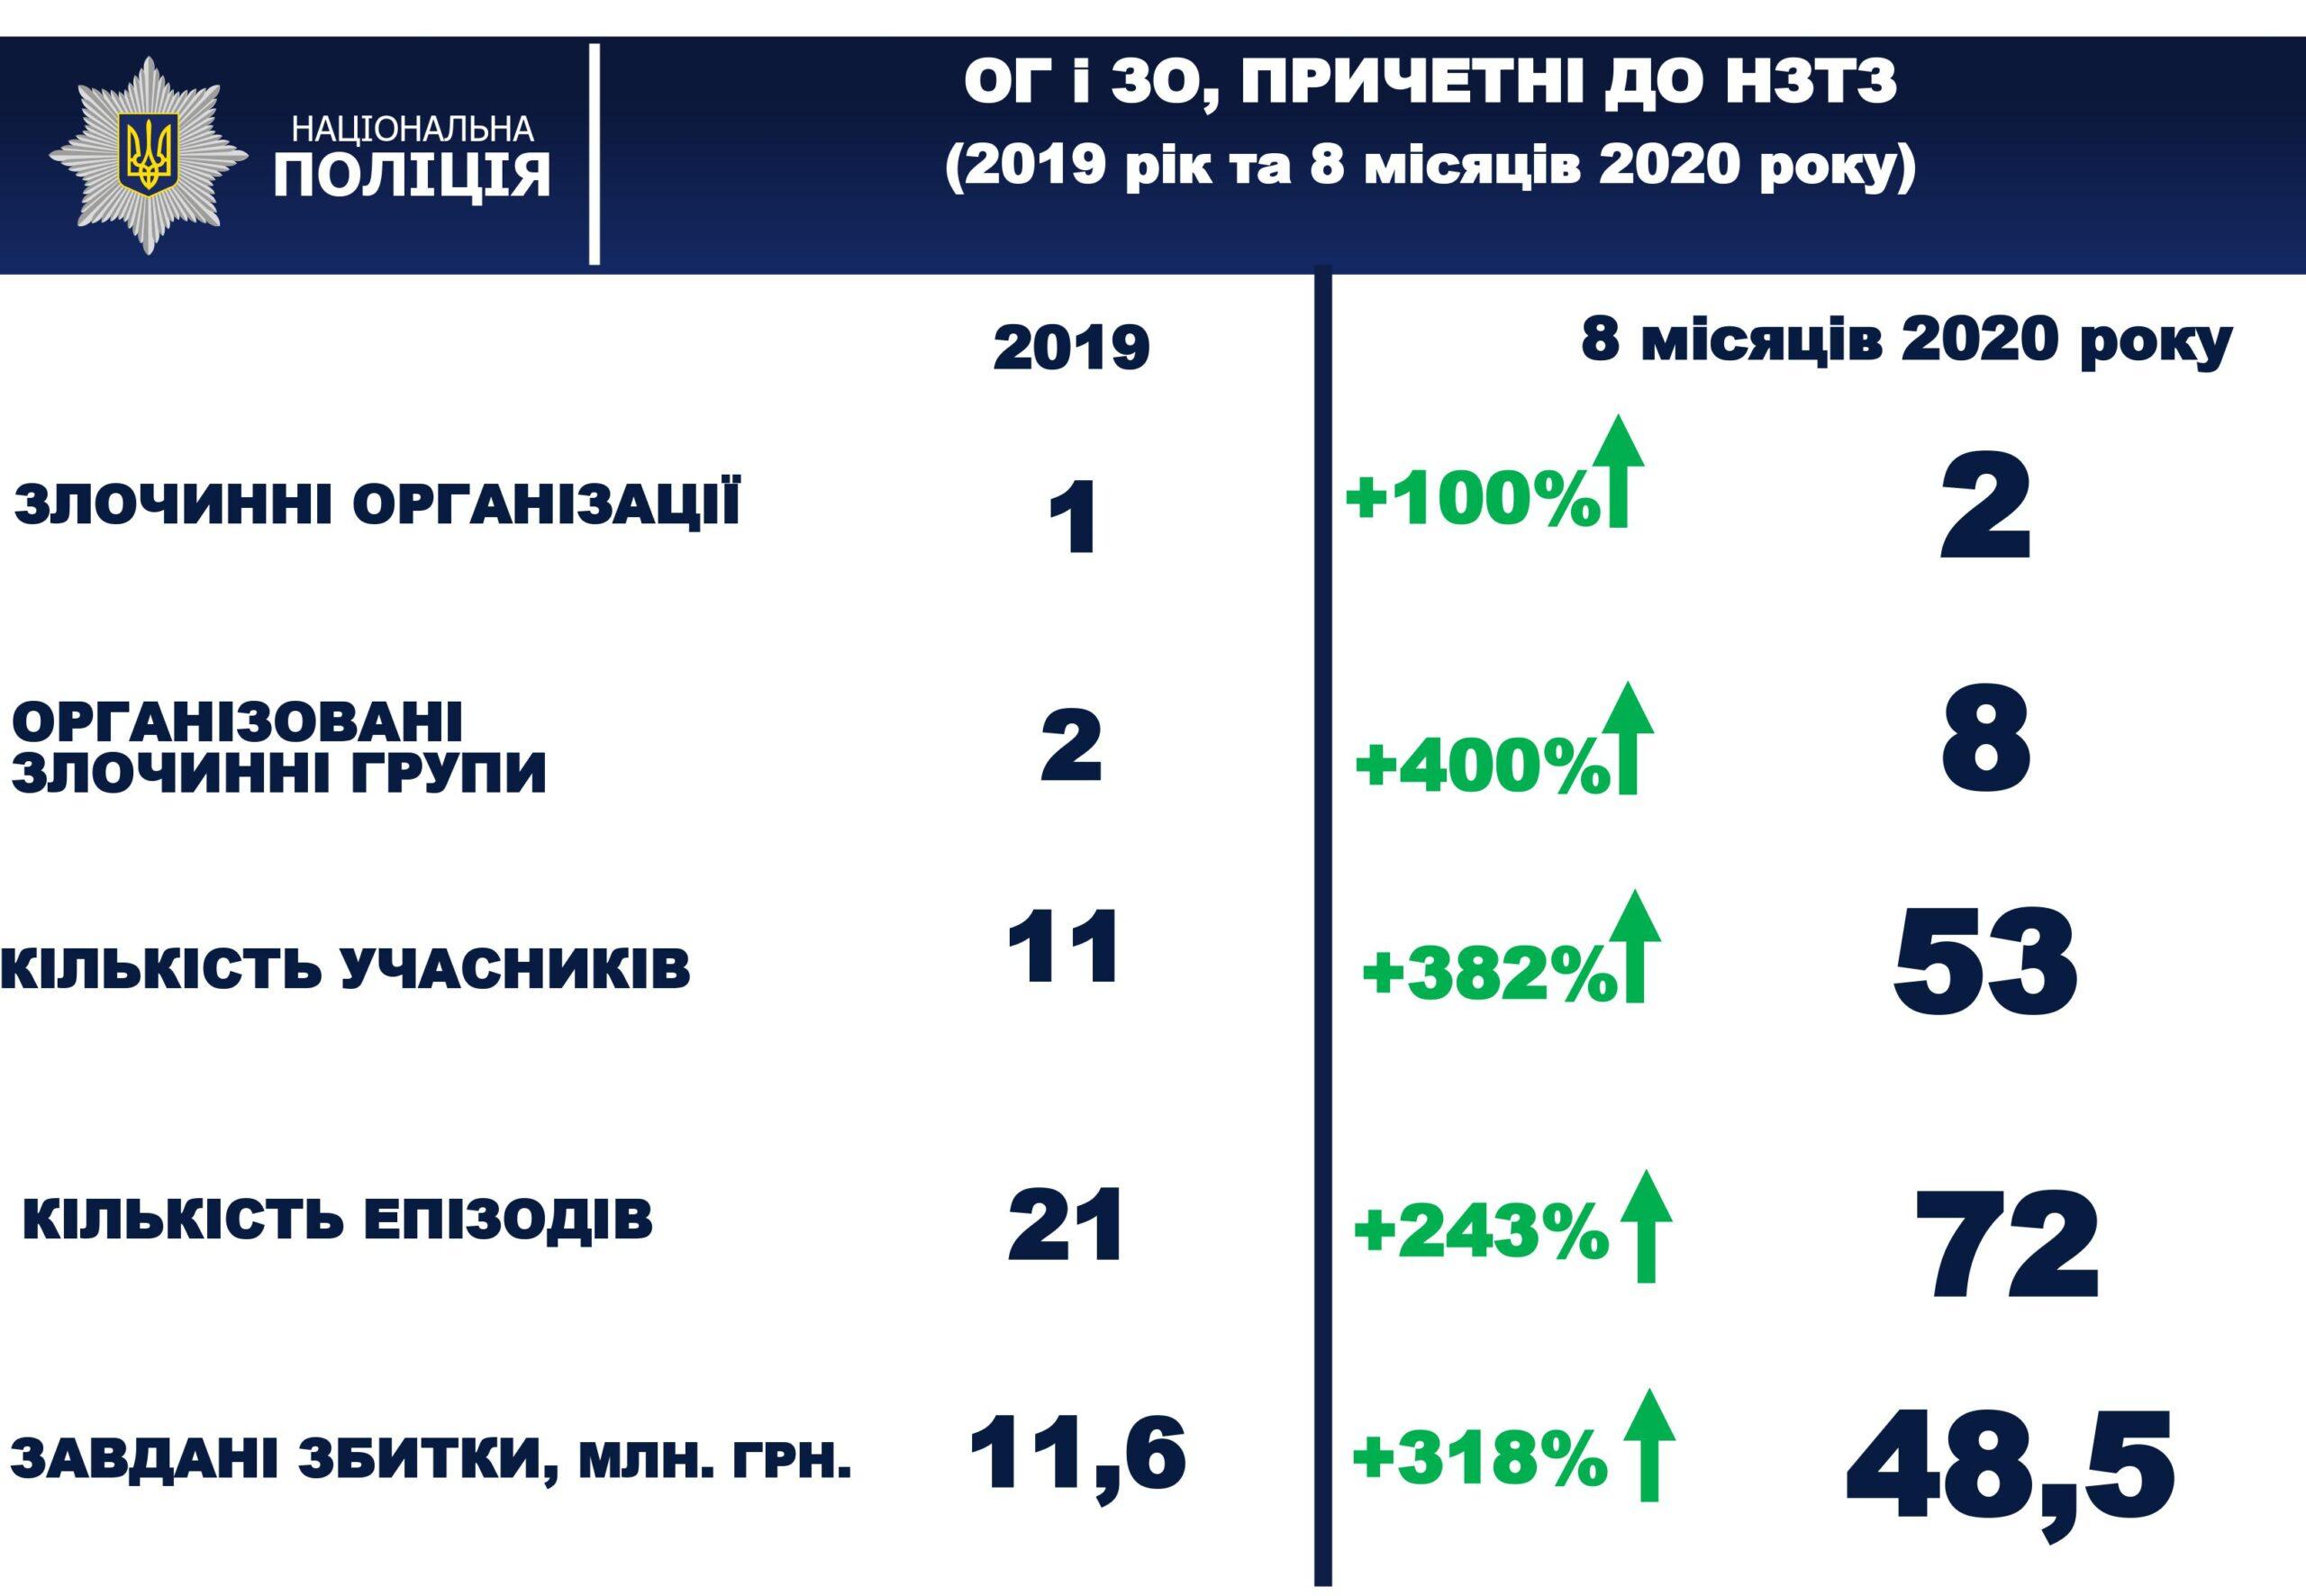 Статистика зростання Організованих груп та Злочинних організацій